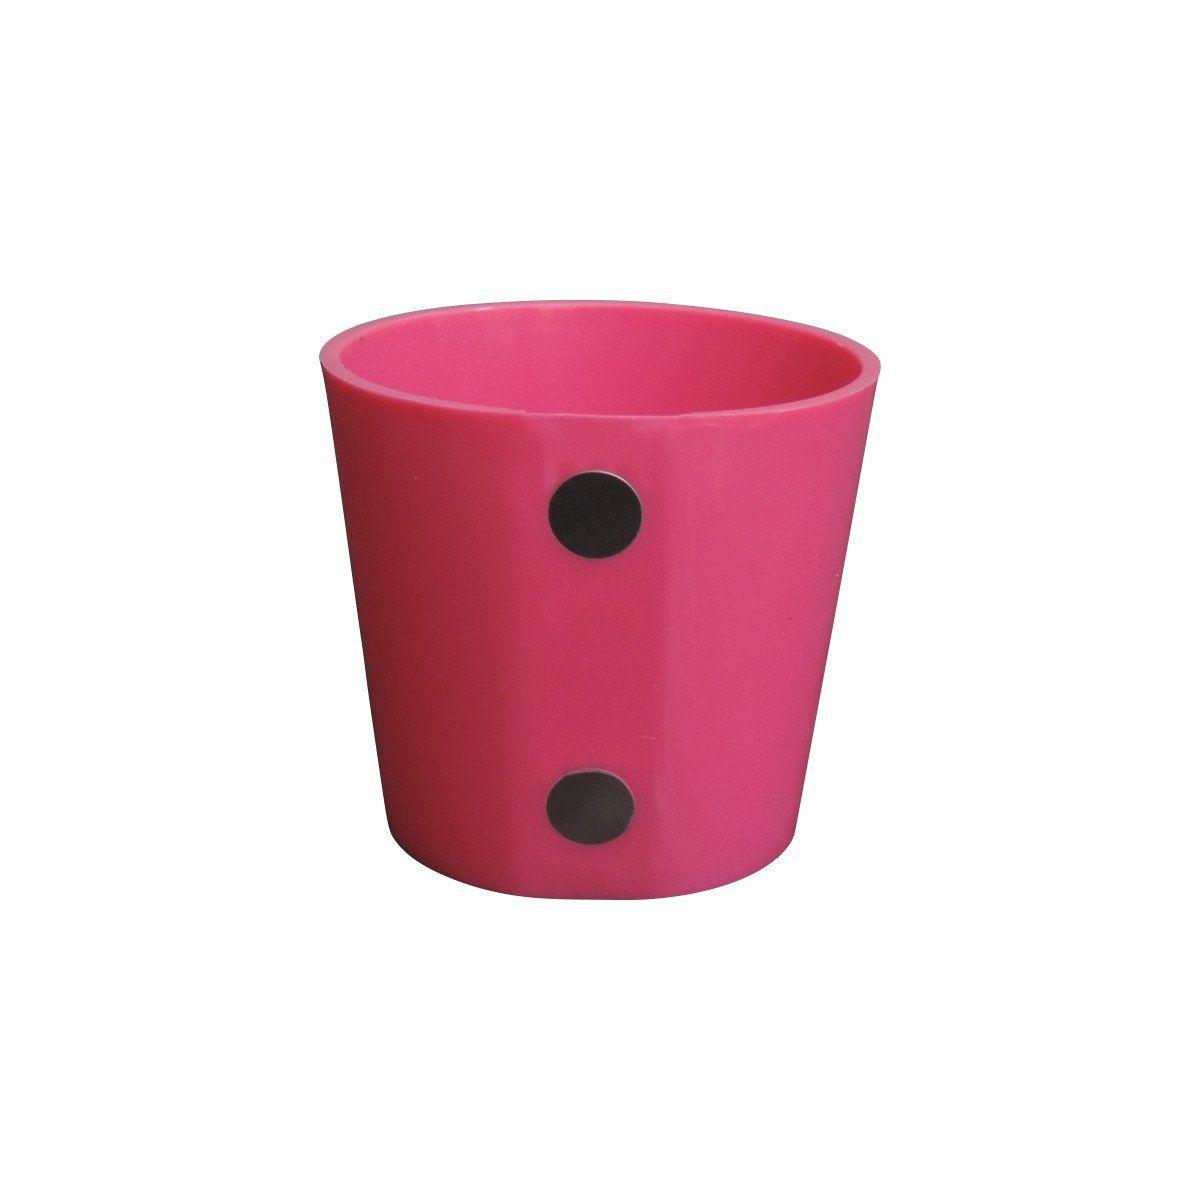 Vaso Magnético de Plástico Pink 5cm x 6cm